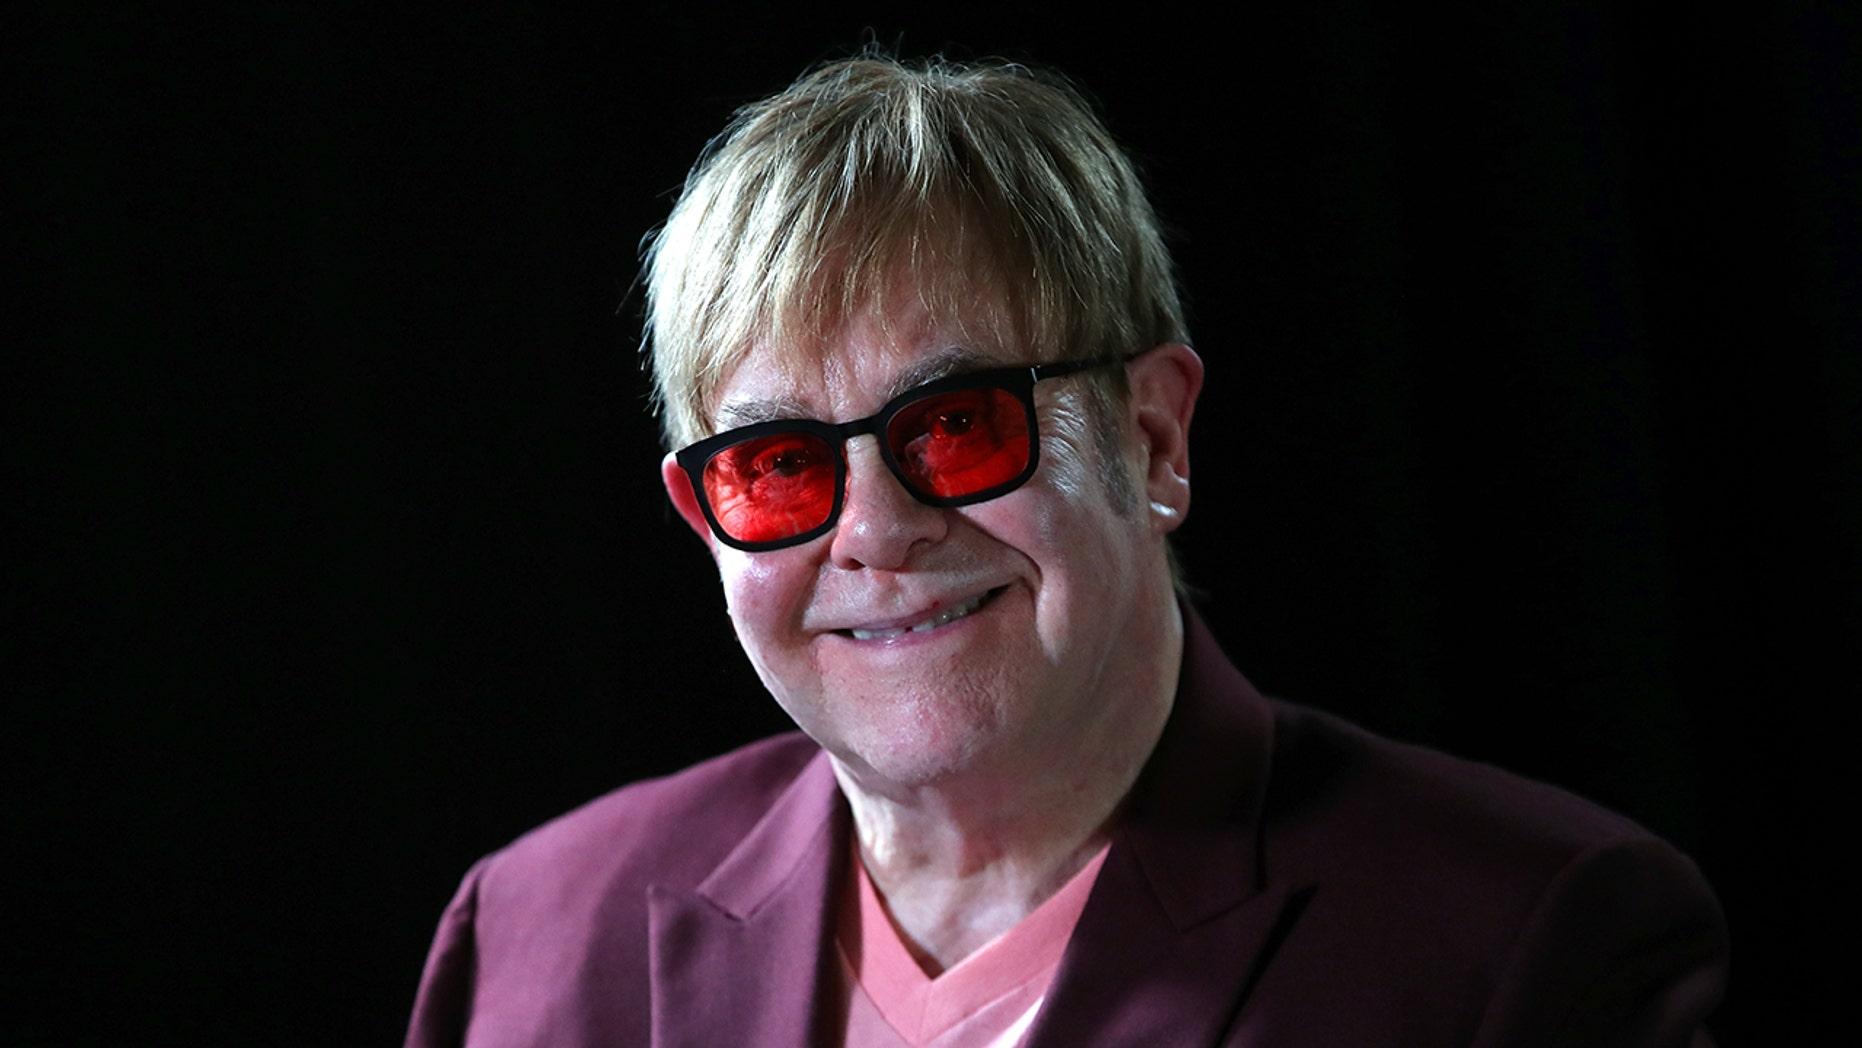 Elton John was among those celebrating his godson Romeo Beckham's birthday this week.